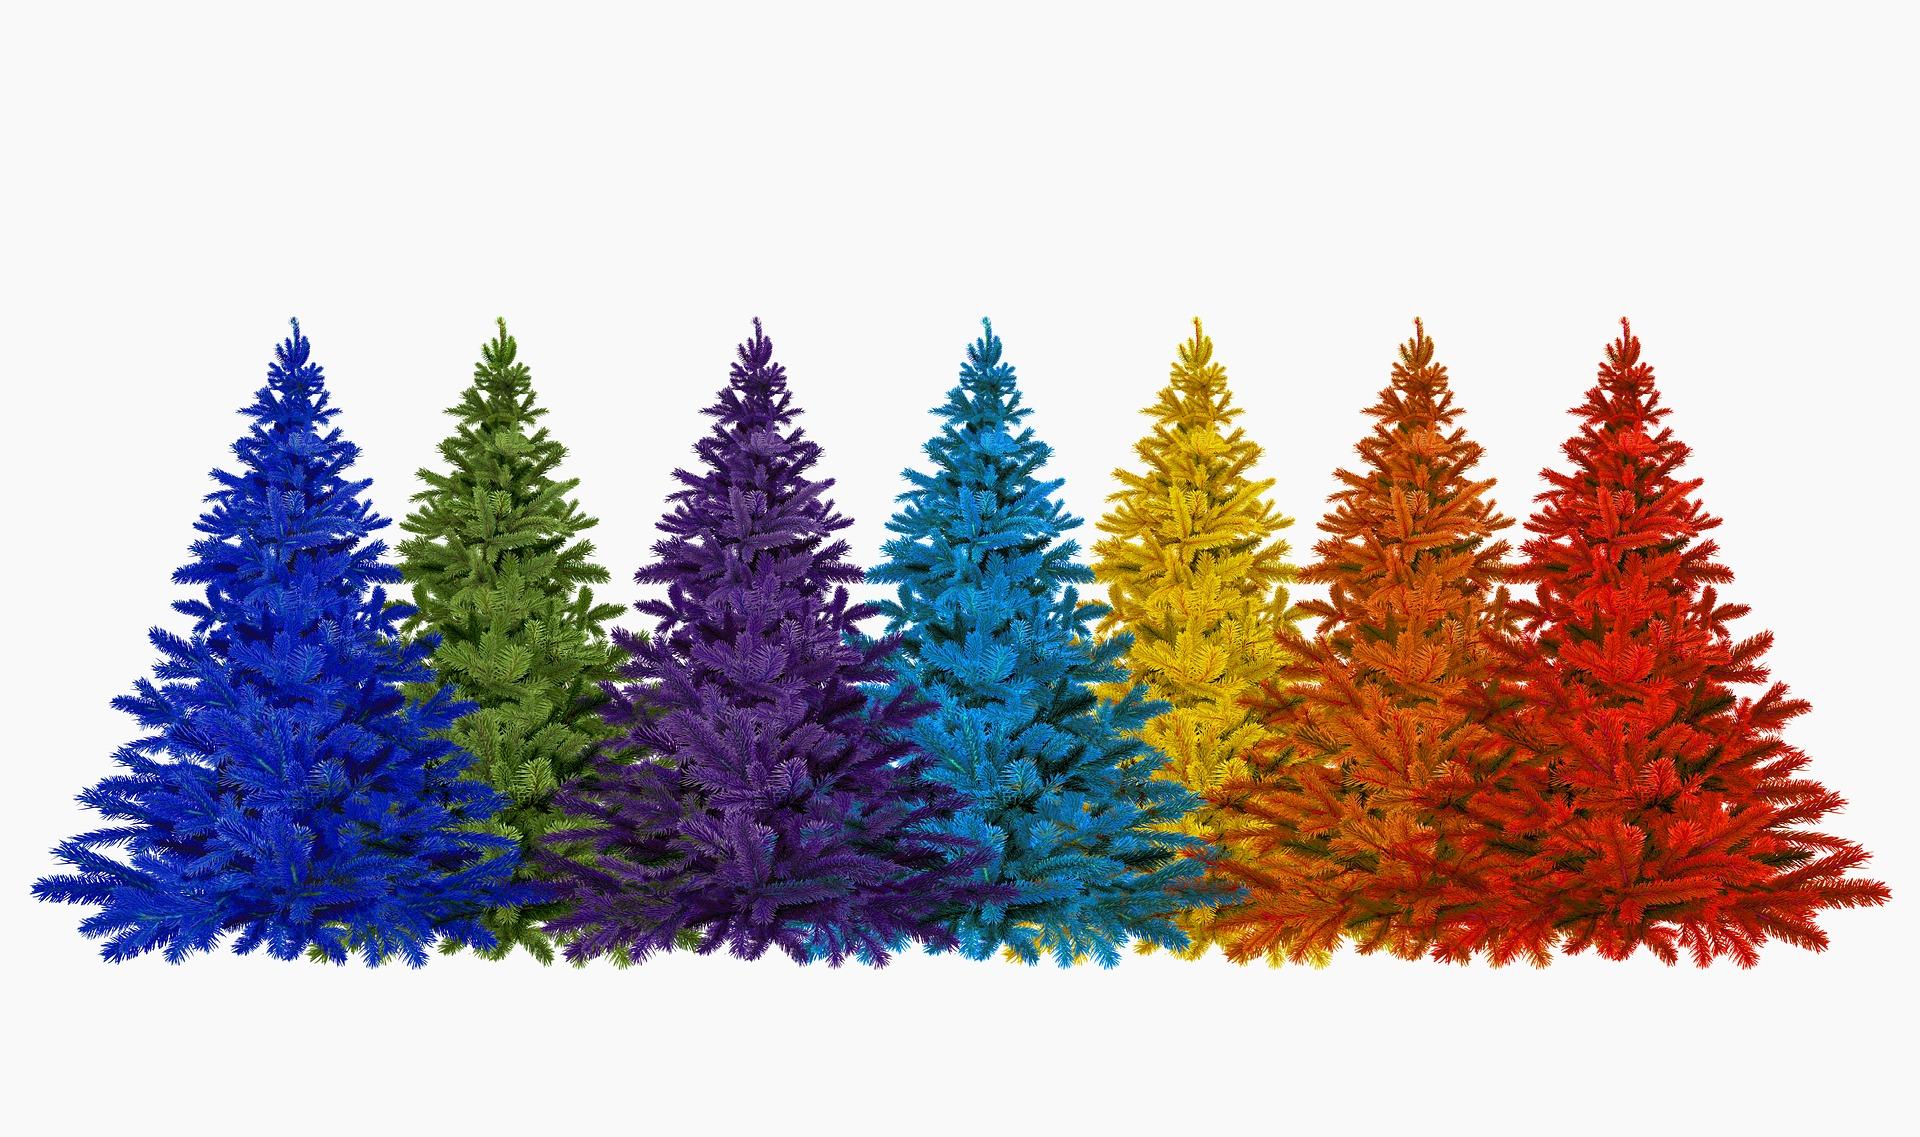 Különböző színű karácsonyfák